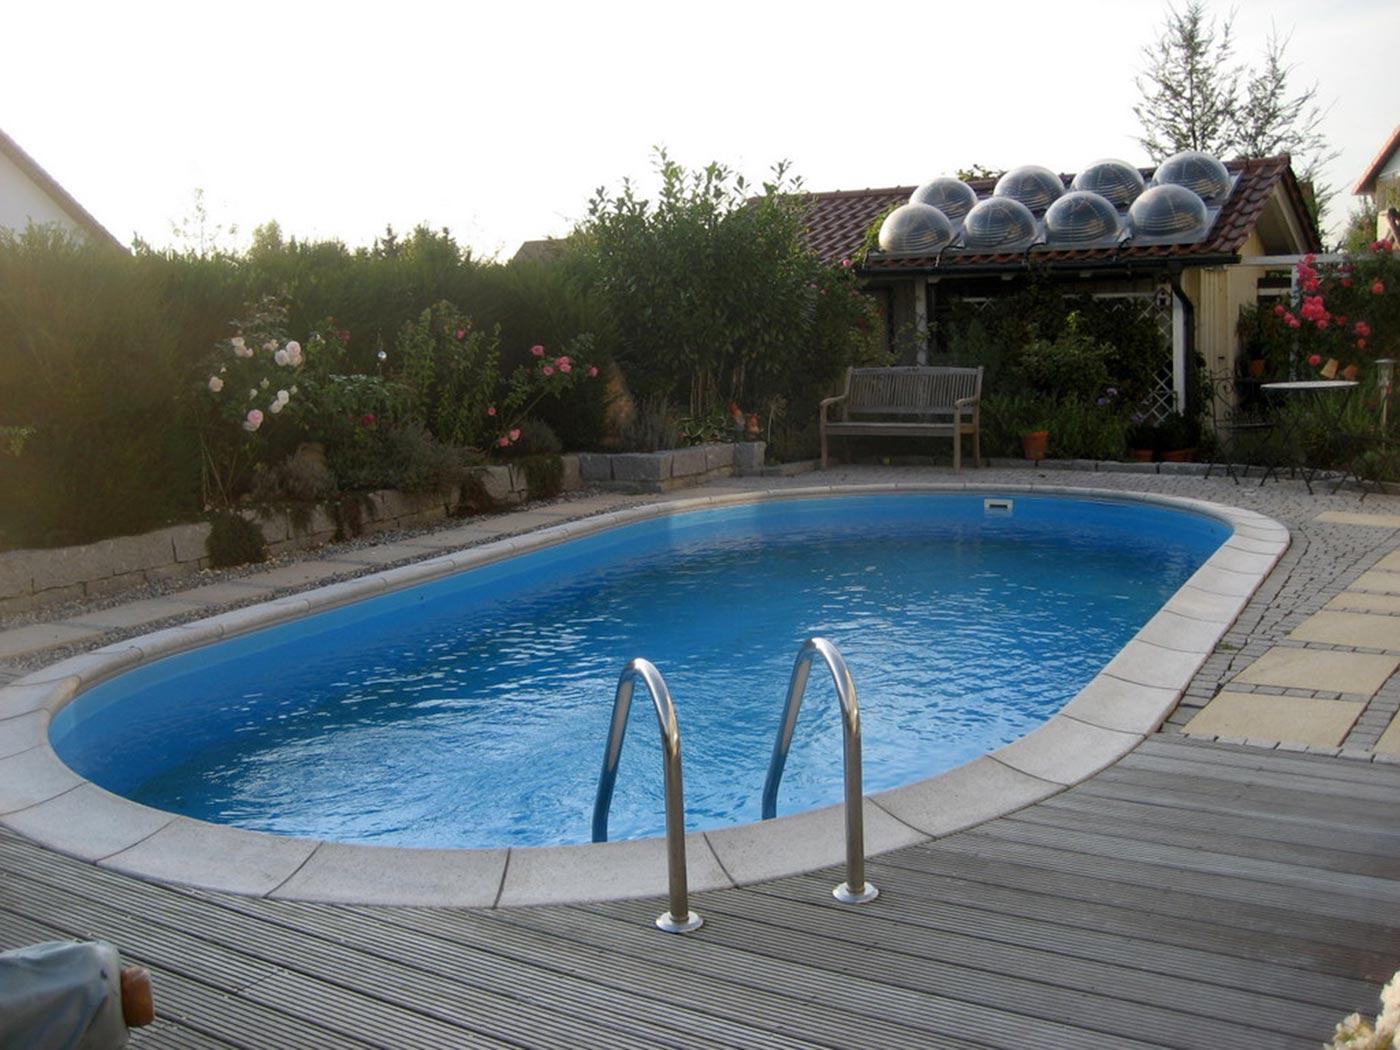 pools stahlwandpools pool mit stahlwand. Black Bedroom Furniture Sets. Home Design Ideas